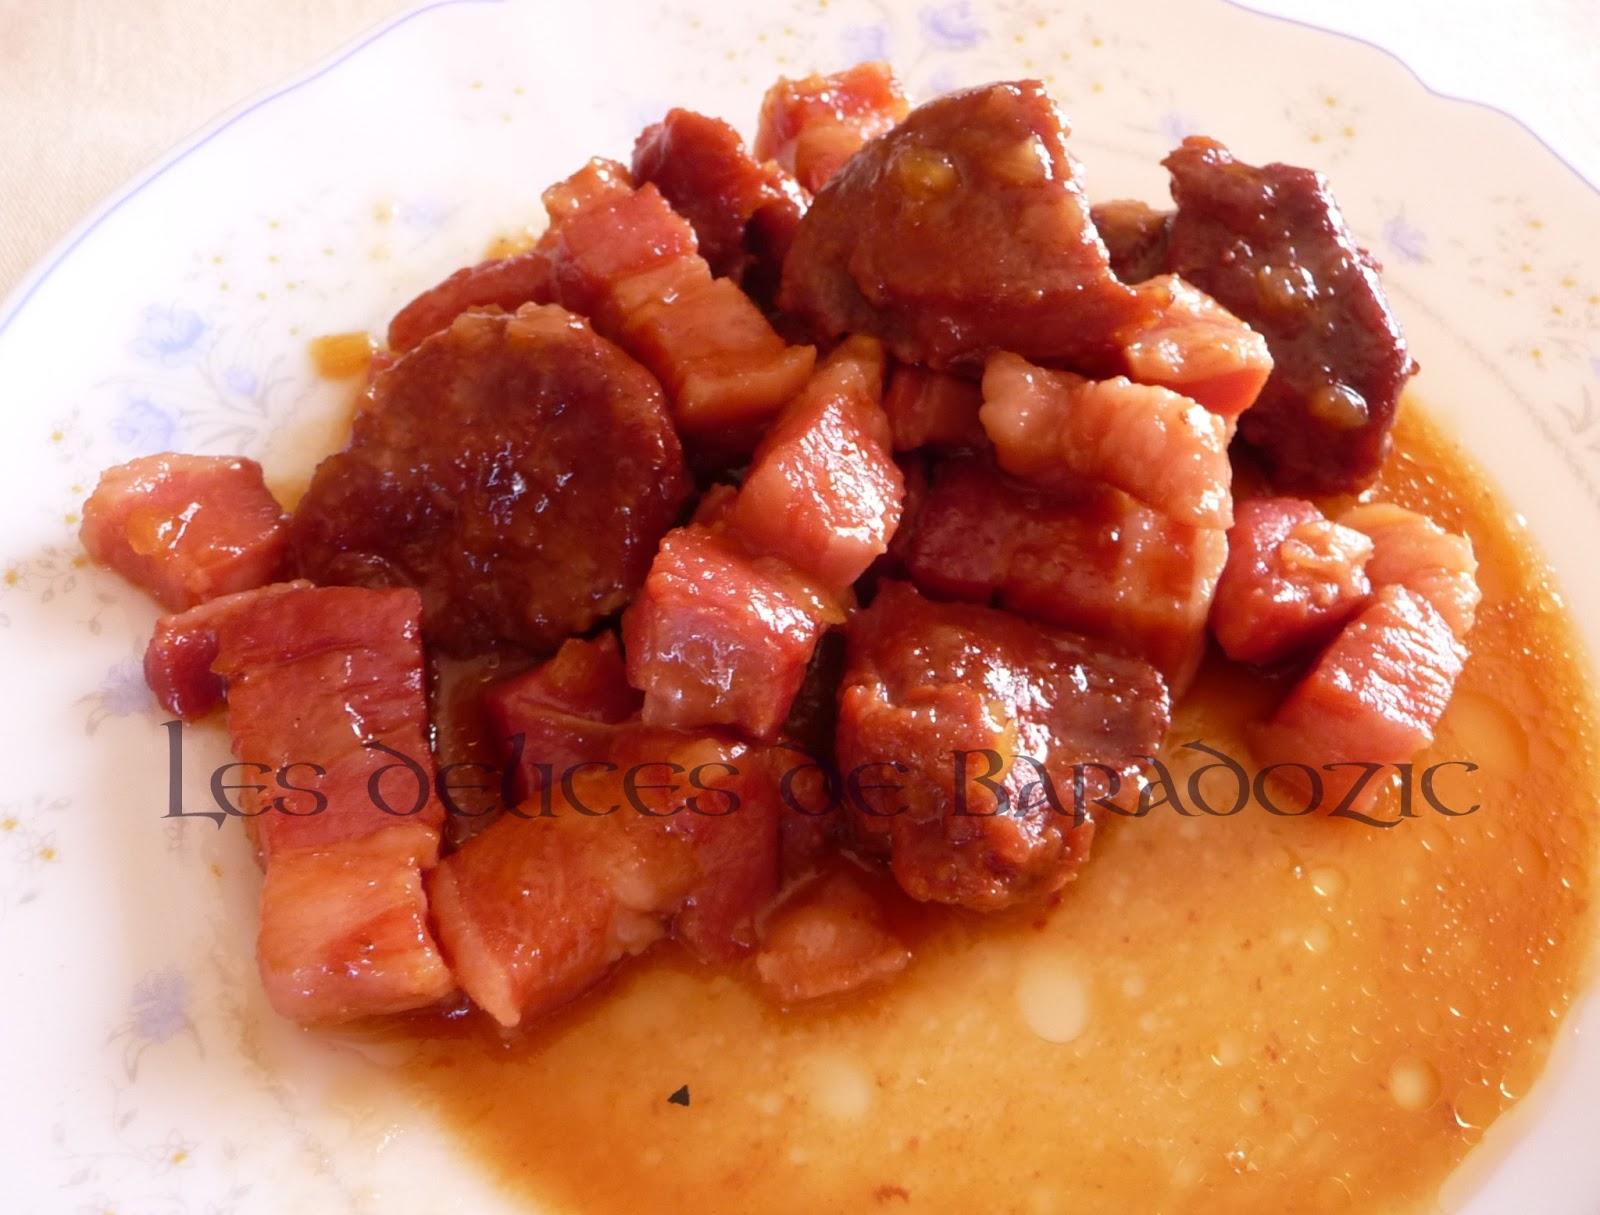 Joues de porc la bi re et au miel les d lices de baradozic - Cuisiner de la joue de porc ...